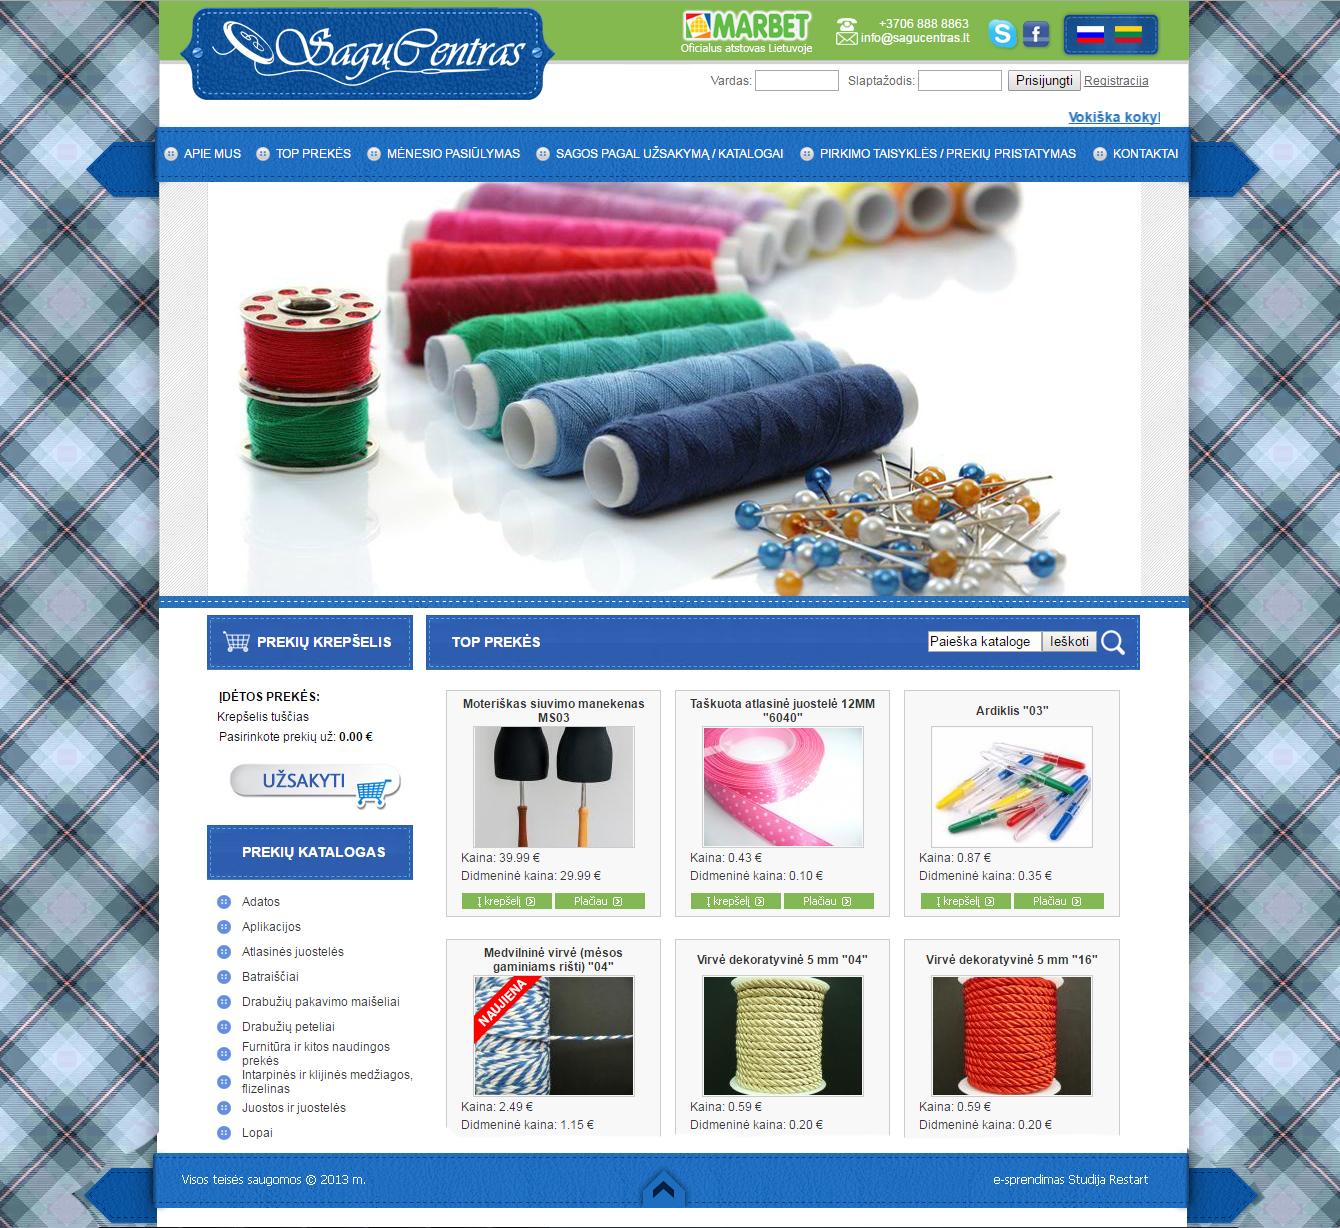 Elektroninė parduotuvė www.sagucentras.lt